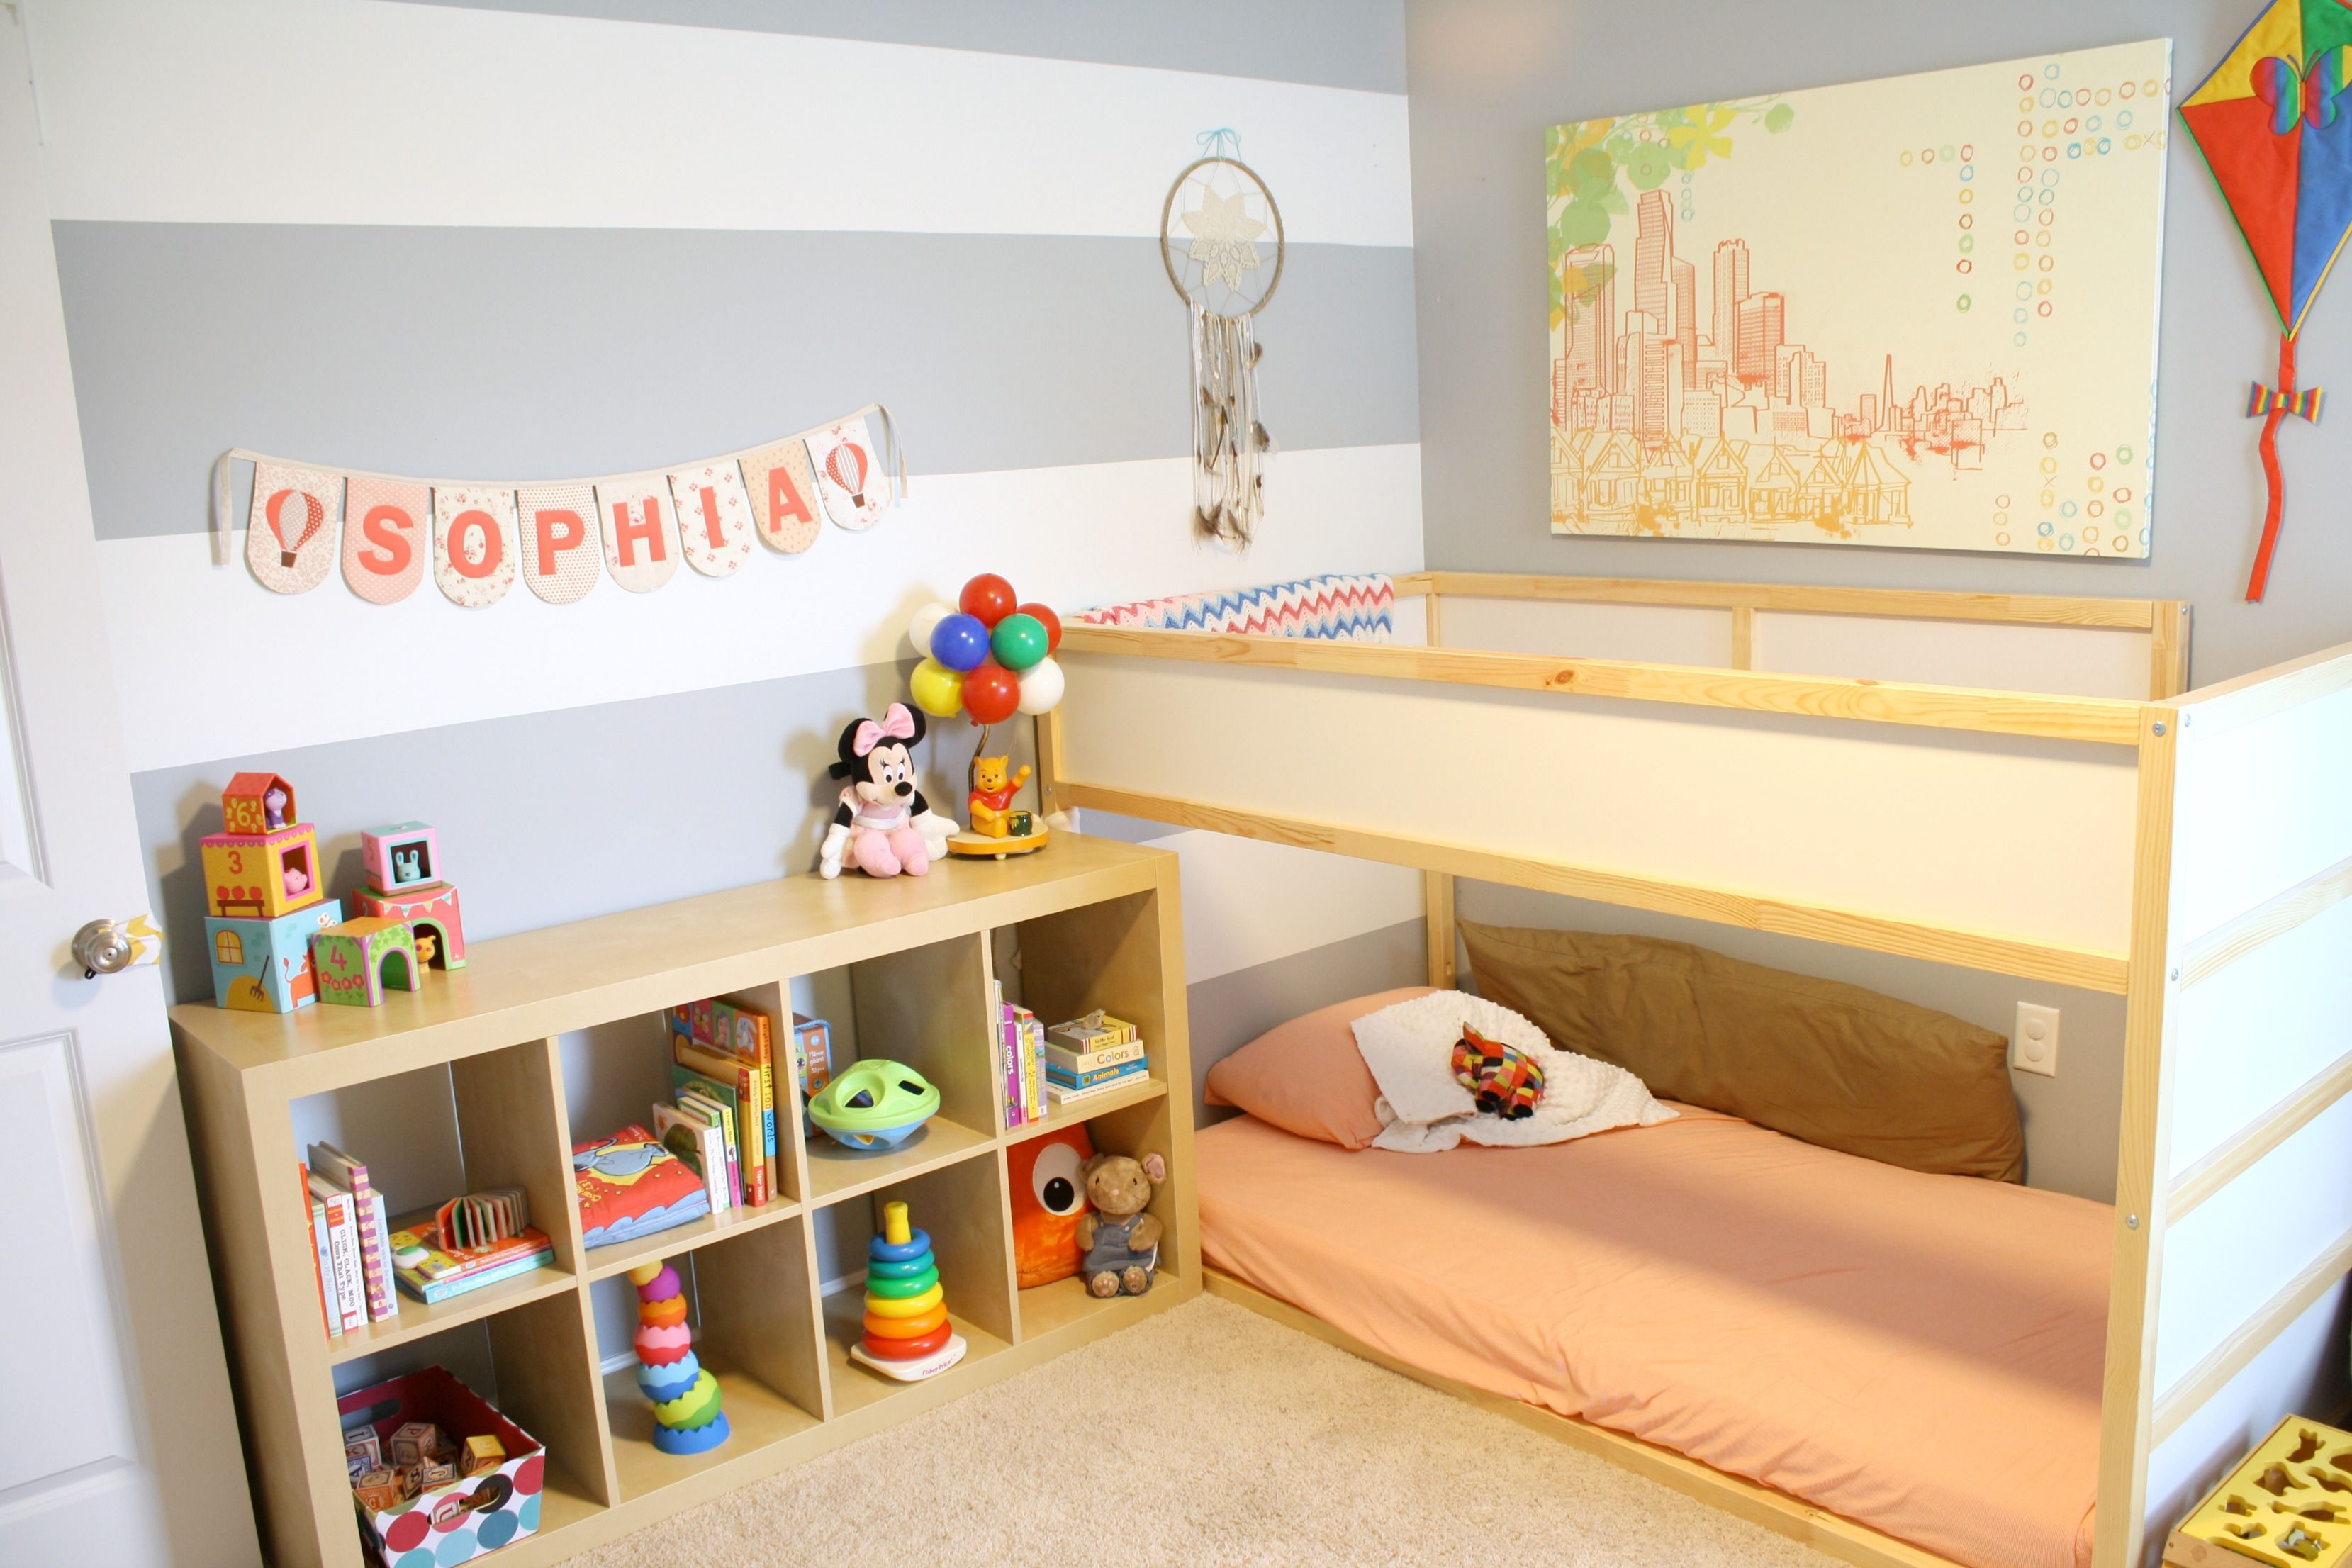 Cameretta Ikea Montessori : Camerette ispirate a montessori che mi piacciono montessori